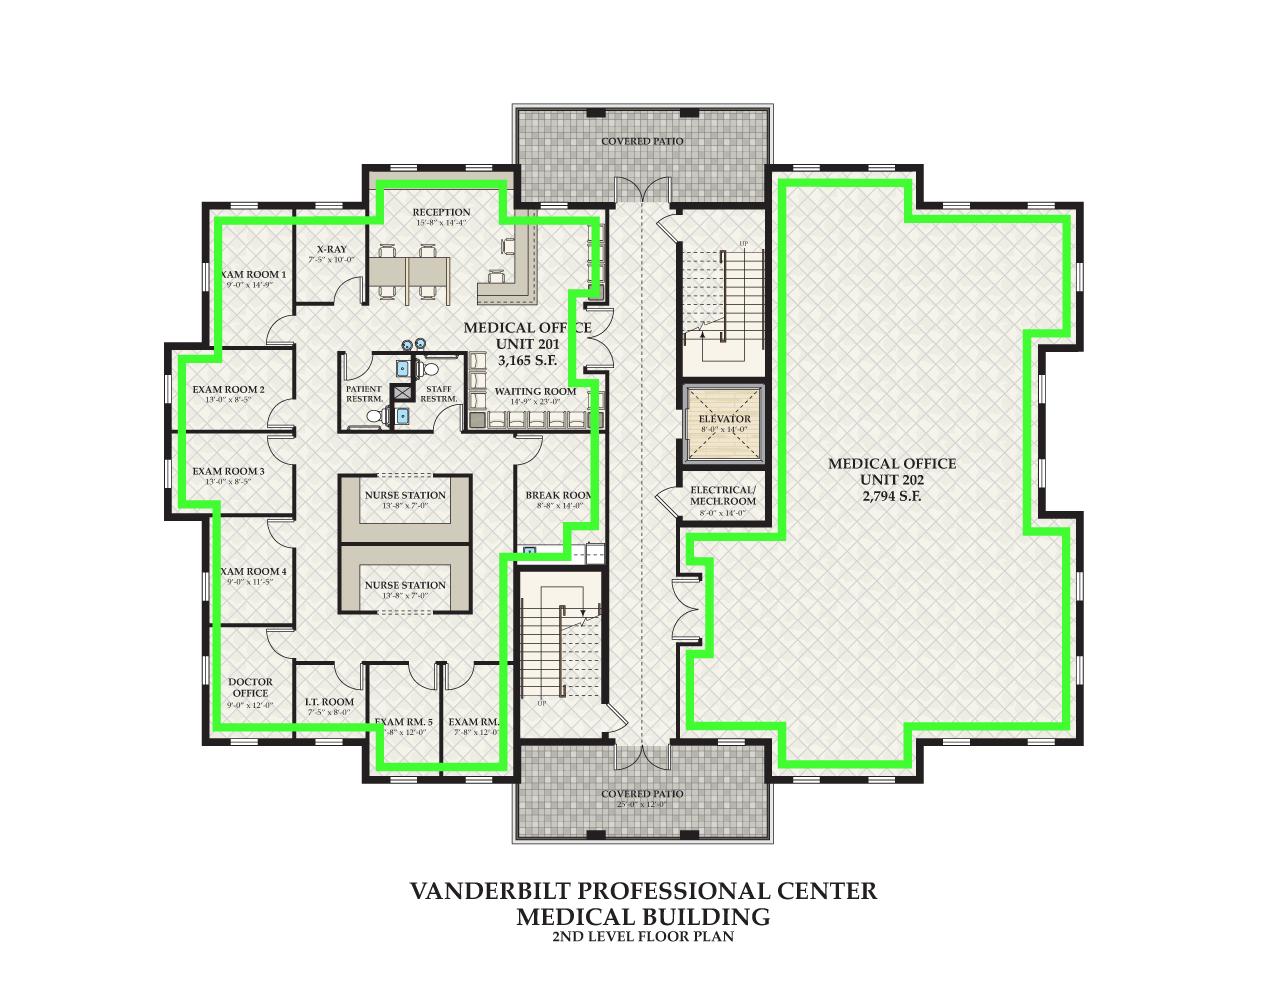 Bayfront Realty Vanderbilt Professional Center